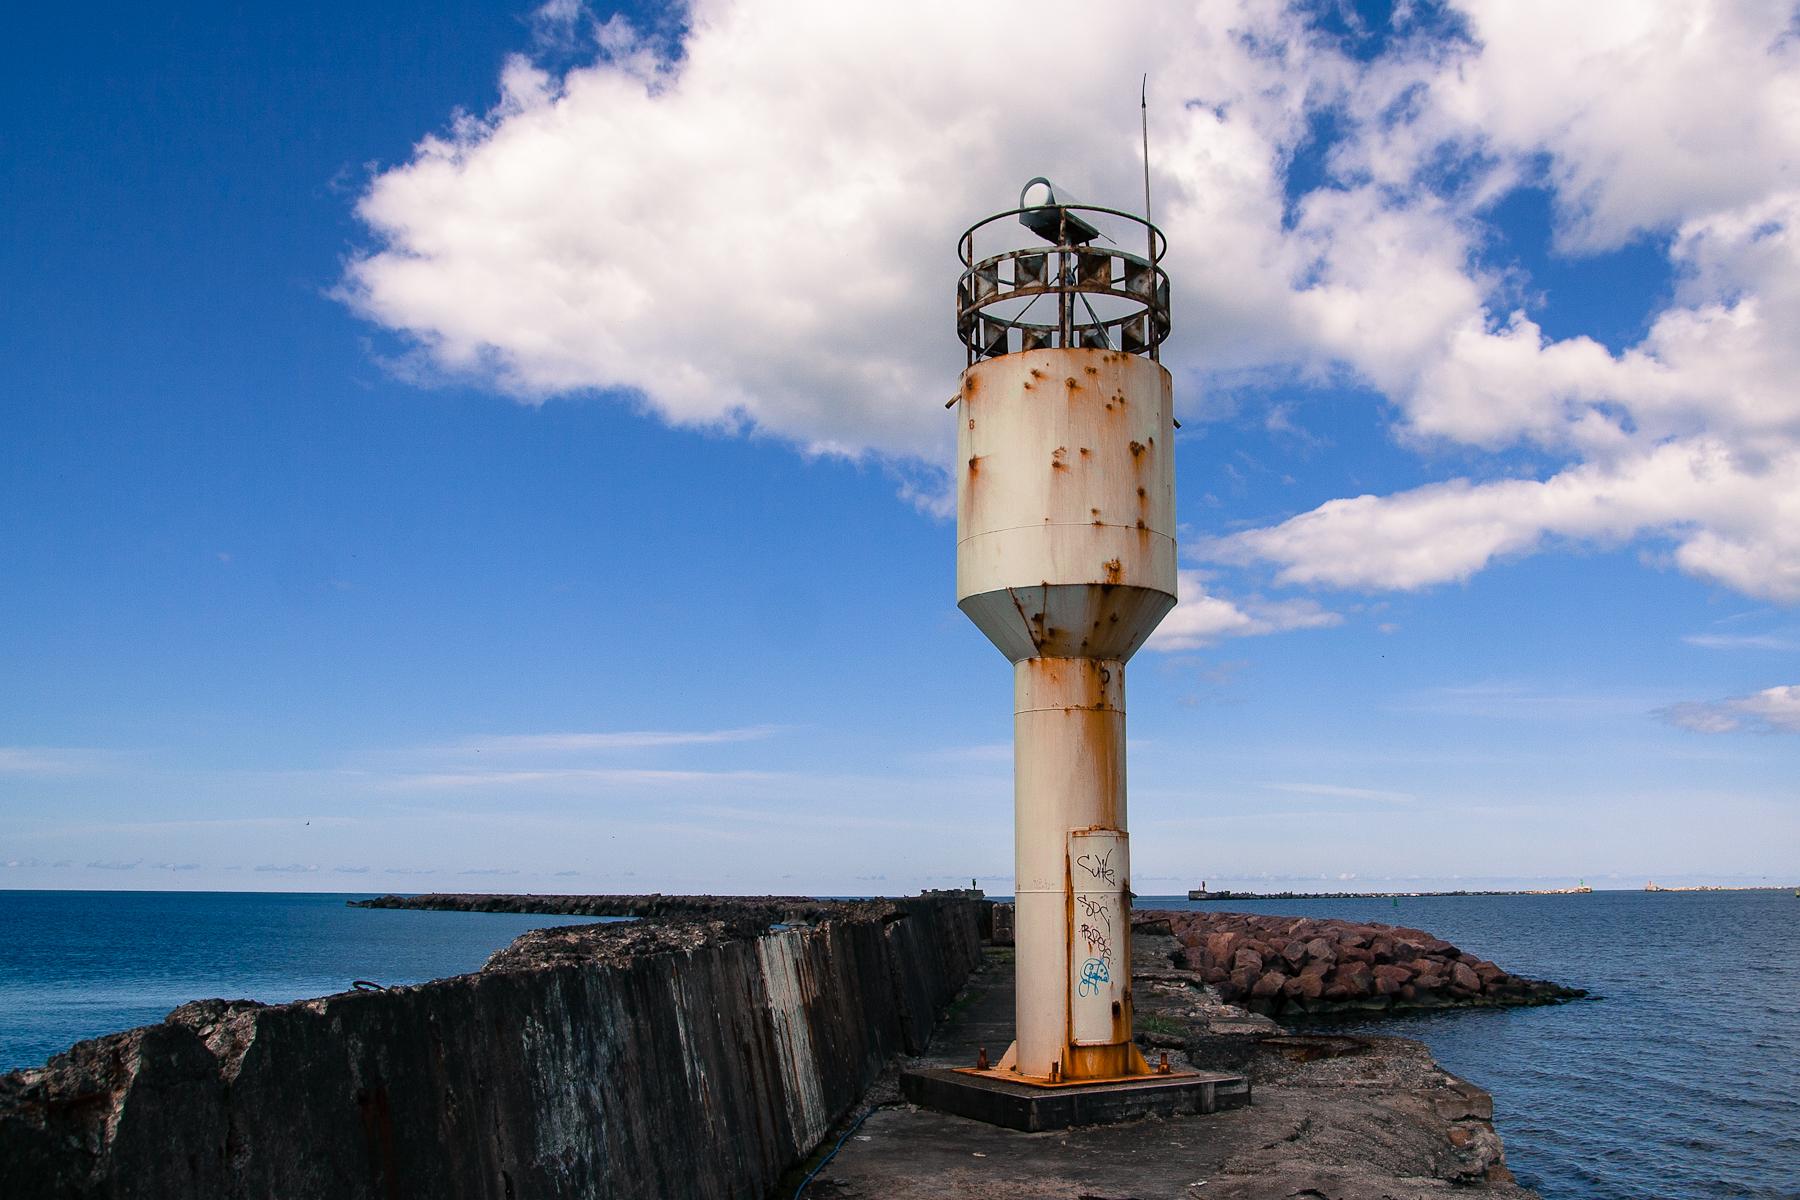 Liepāja Lighthouse Via @Atisgailis